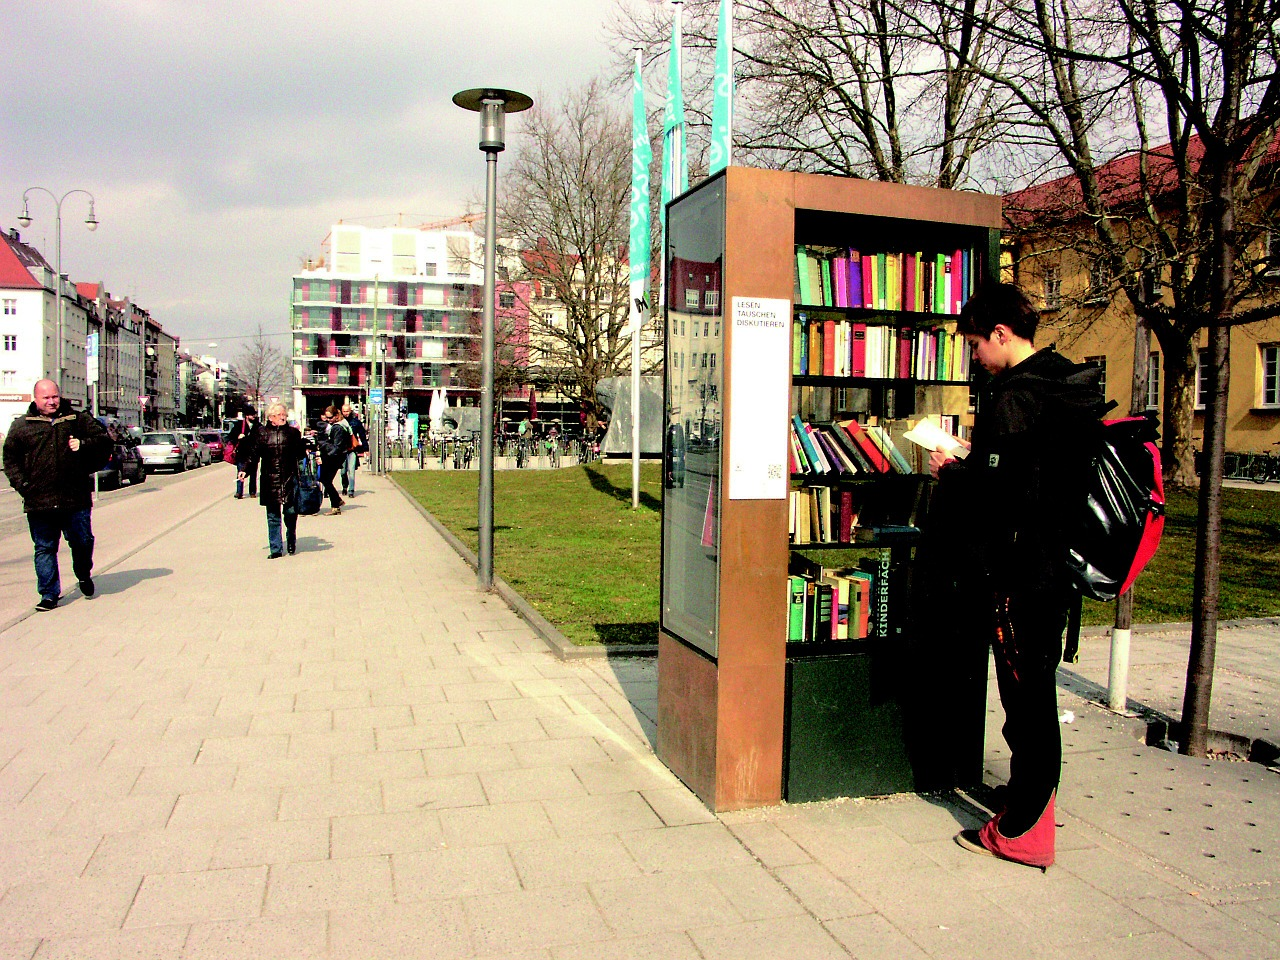 Büchertelefonzelle – offener Bücherschrank für Krenglbach